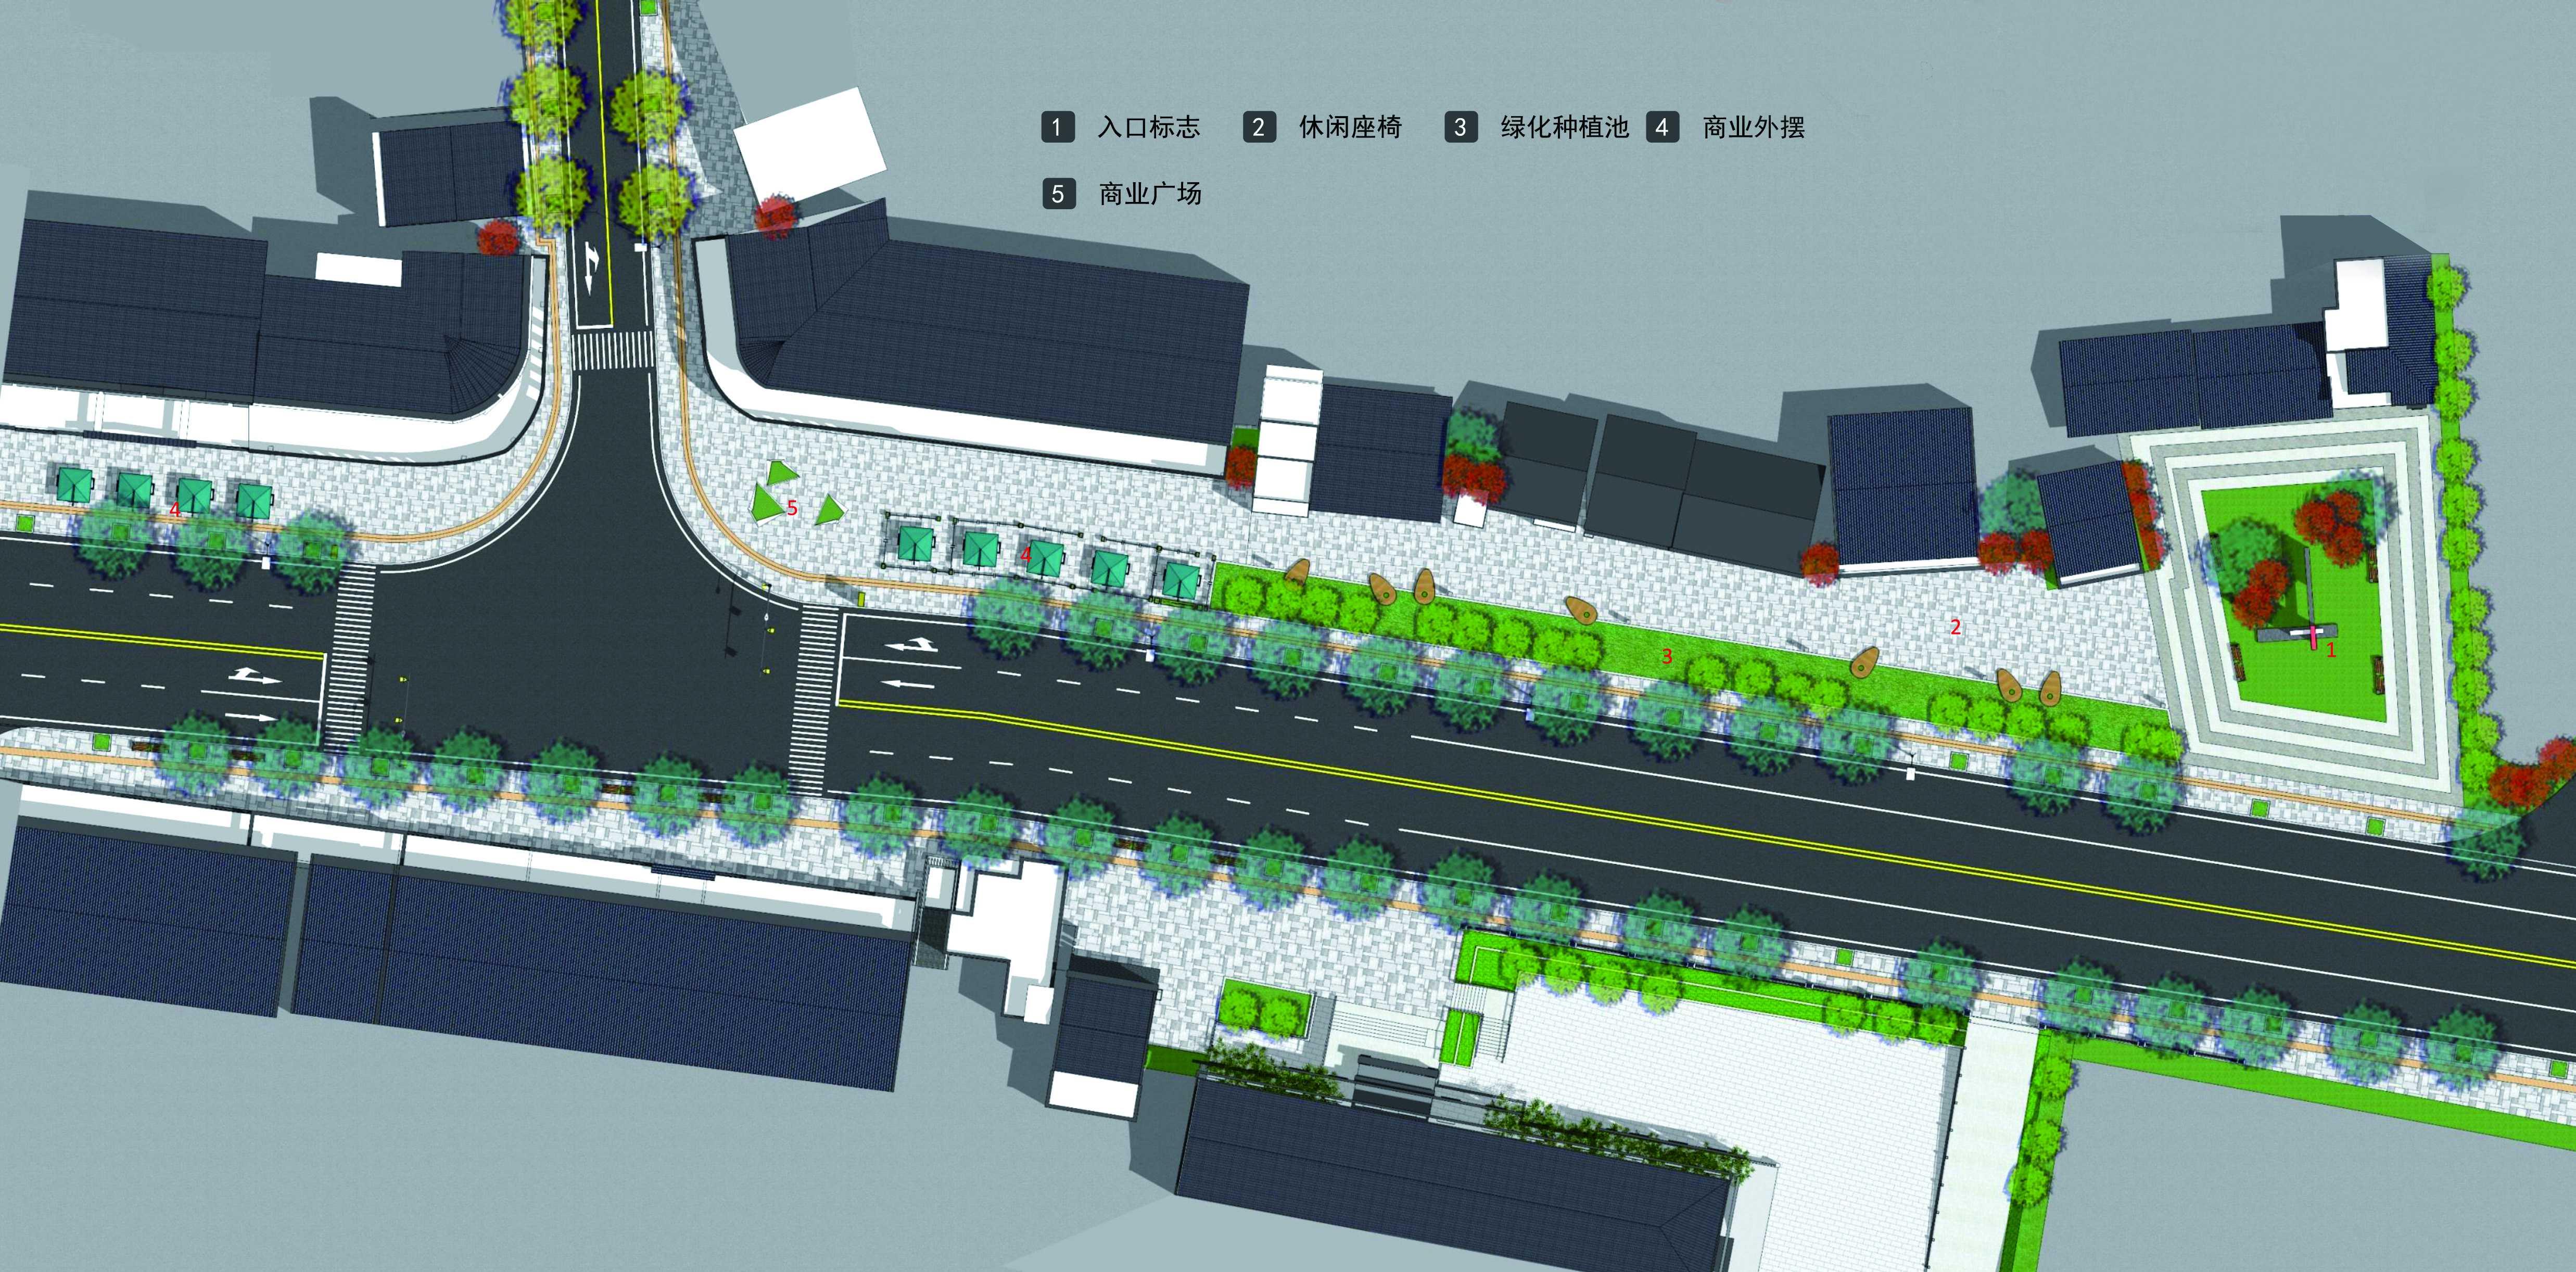 武汉开发区新滩新区环园路